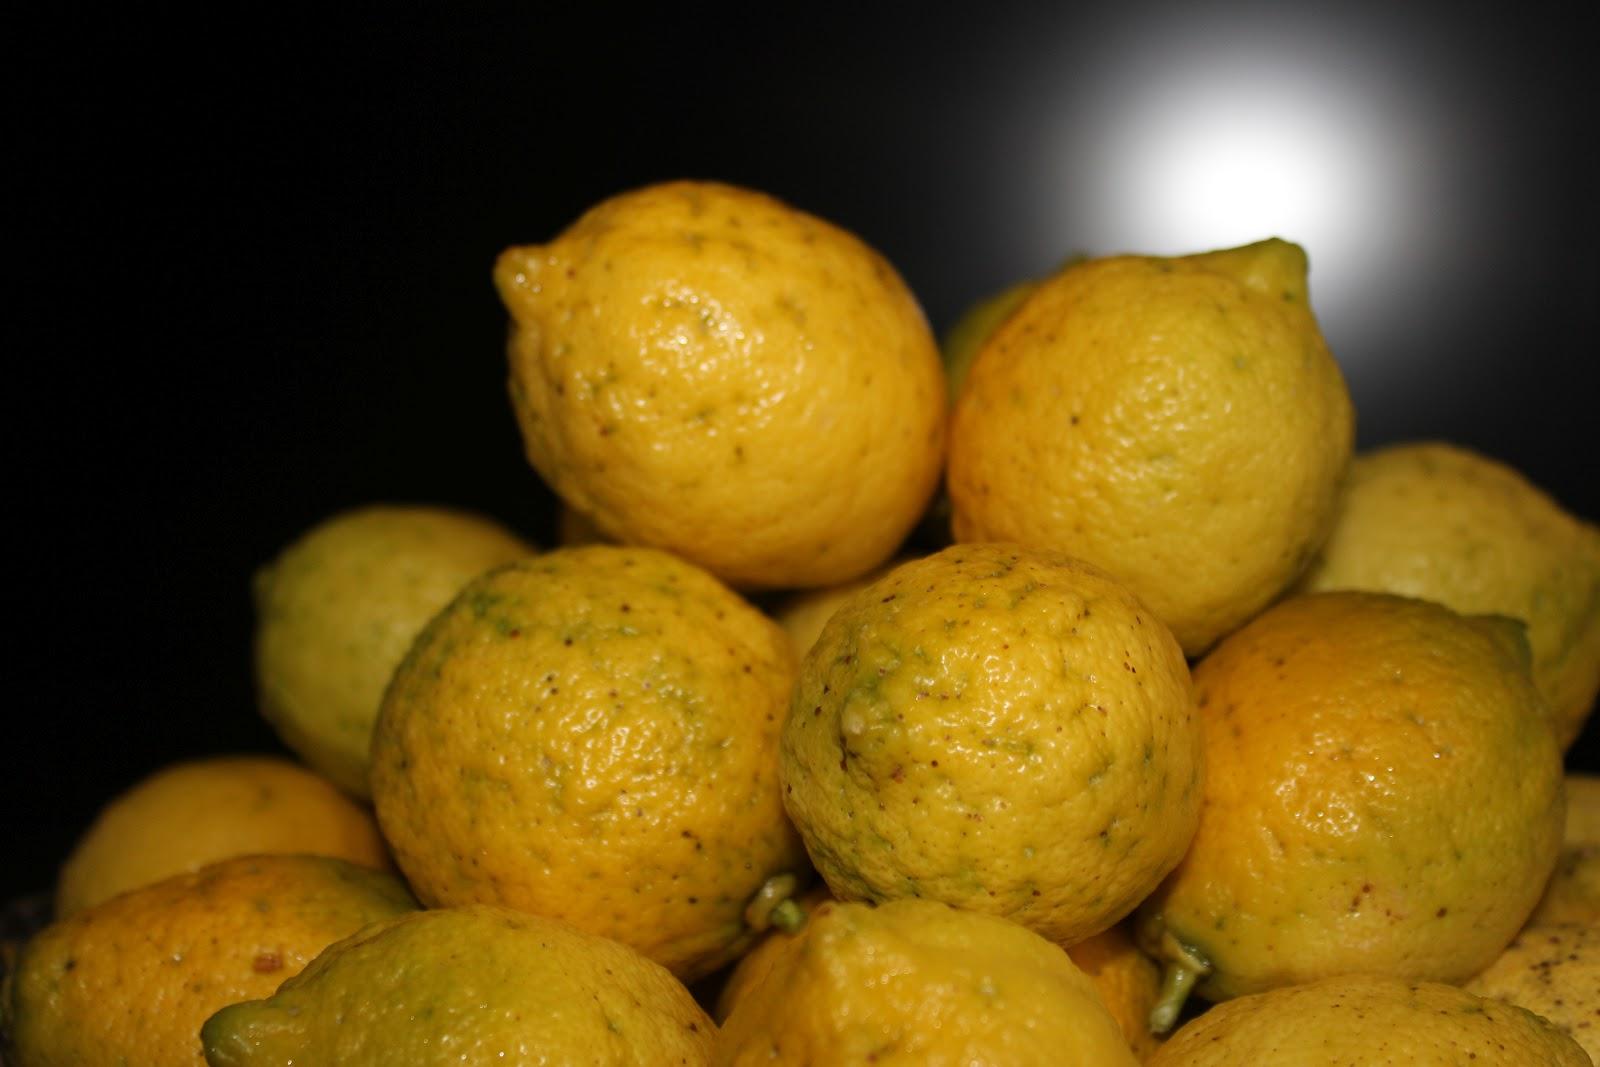 Pechugas de pollo al lim n con jengibre - Pechugas de pollo al limon ...